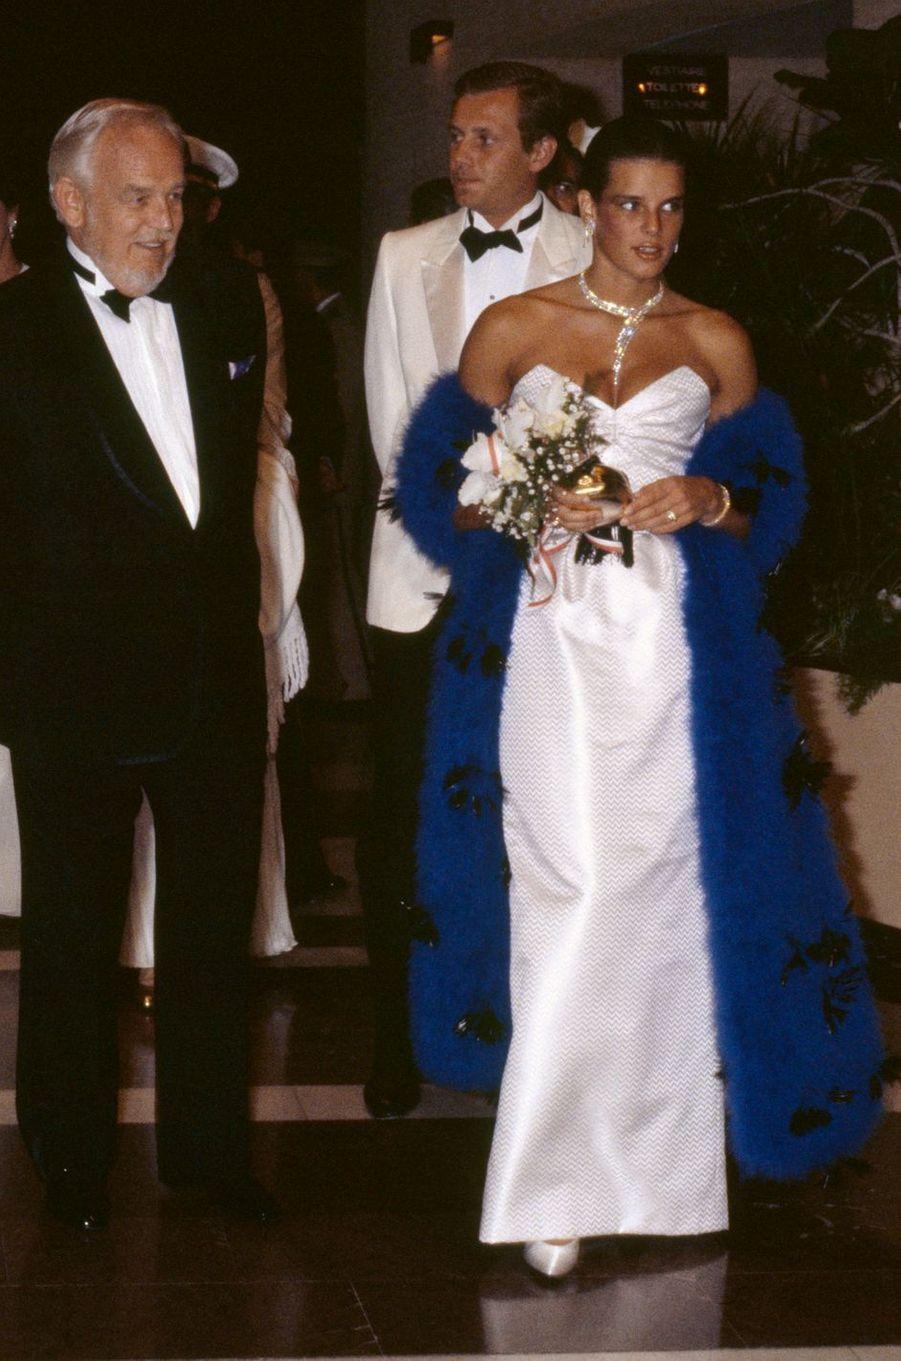 La princesse Stéphanie de Monaco au bal de la Croix-Rouge en août 1984